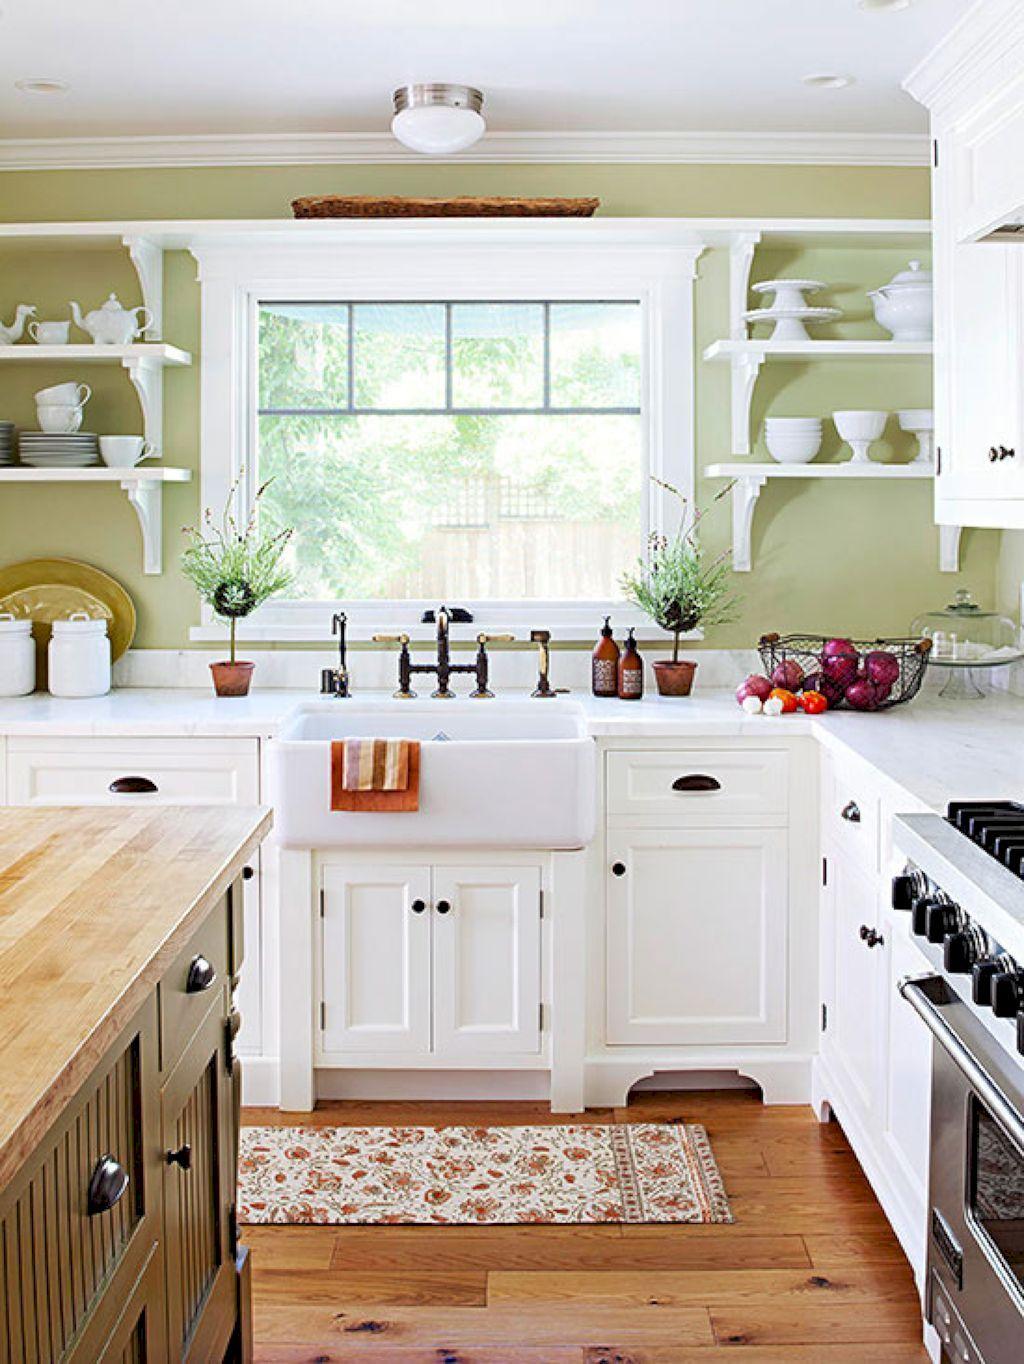 51 Farmhouse Kitchen Ideas | Farmhouse kitchens, Farmhouse kitchen ...